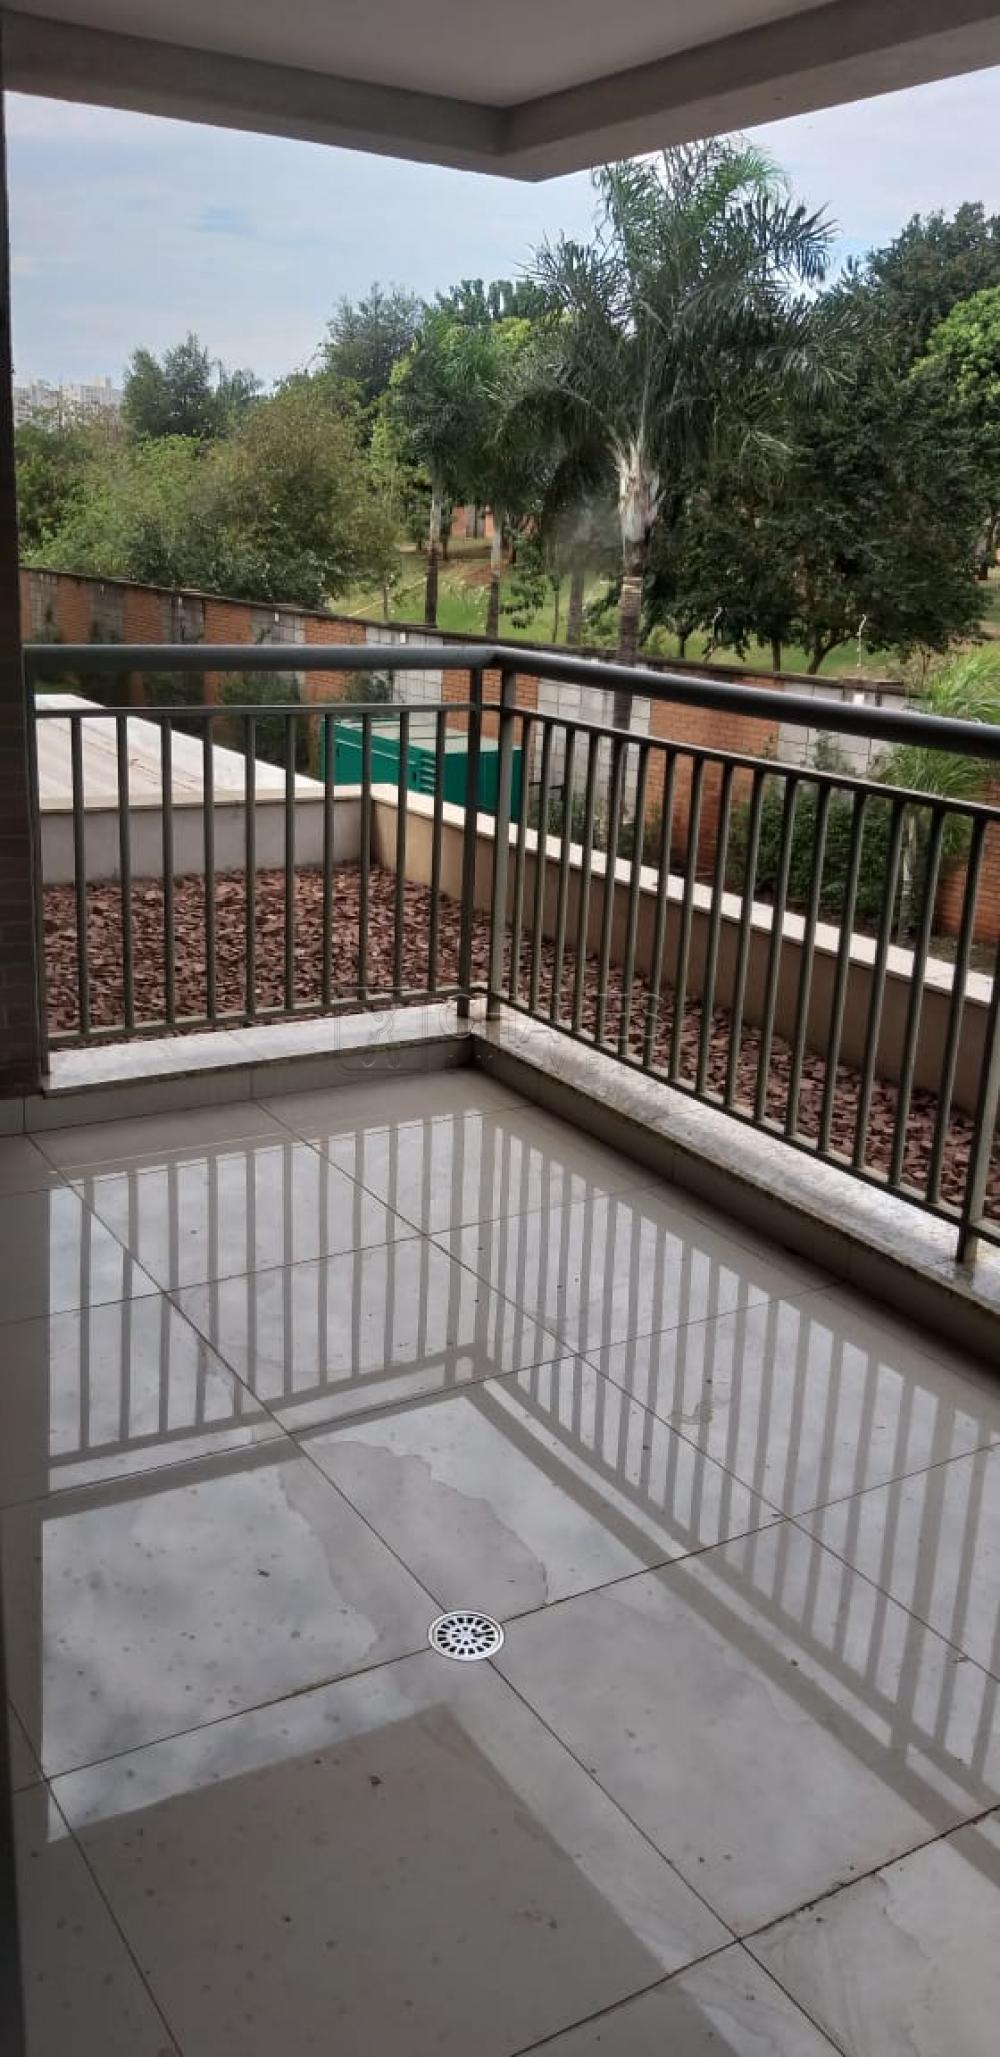 Comprar Apartamento / Padrão em Ribeirão Preto apenas R$ 756.933,41 - Foto 3